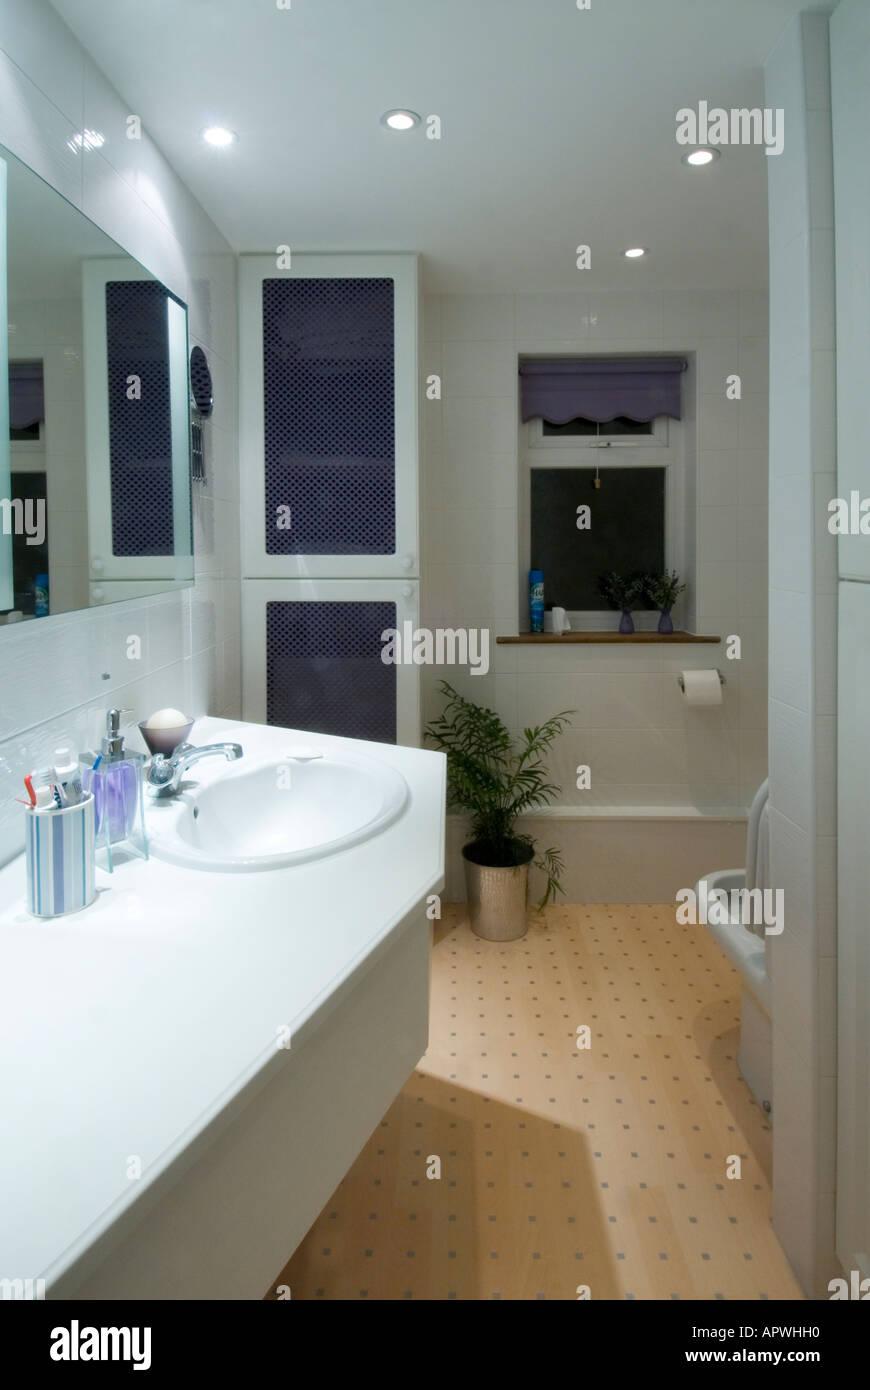 chambre intrieure de lunit de vanit de salle de bains avec wc et lavabo placard comprend le linge et chaudire logement store aprs faire plus